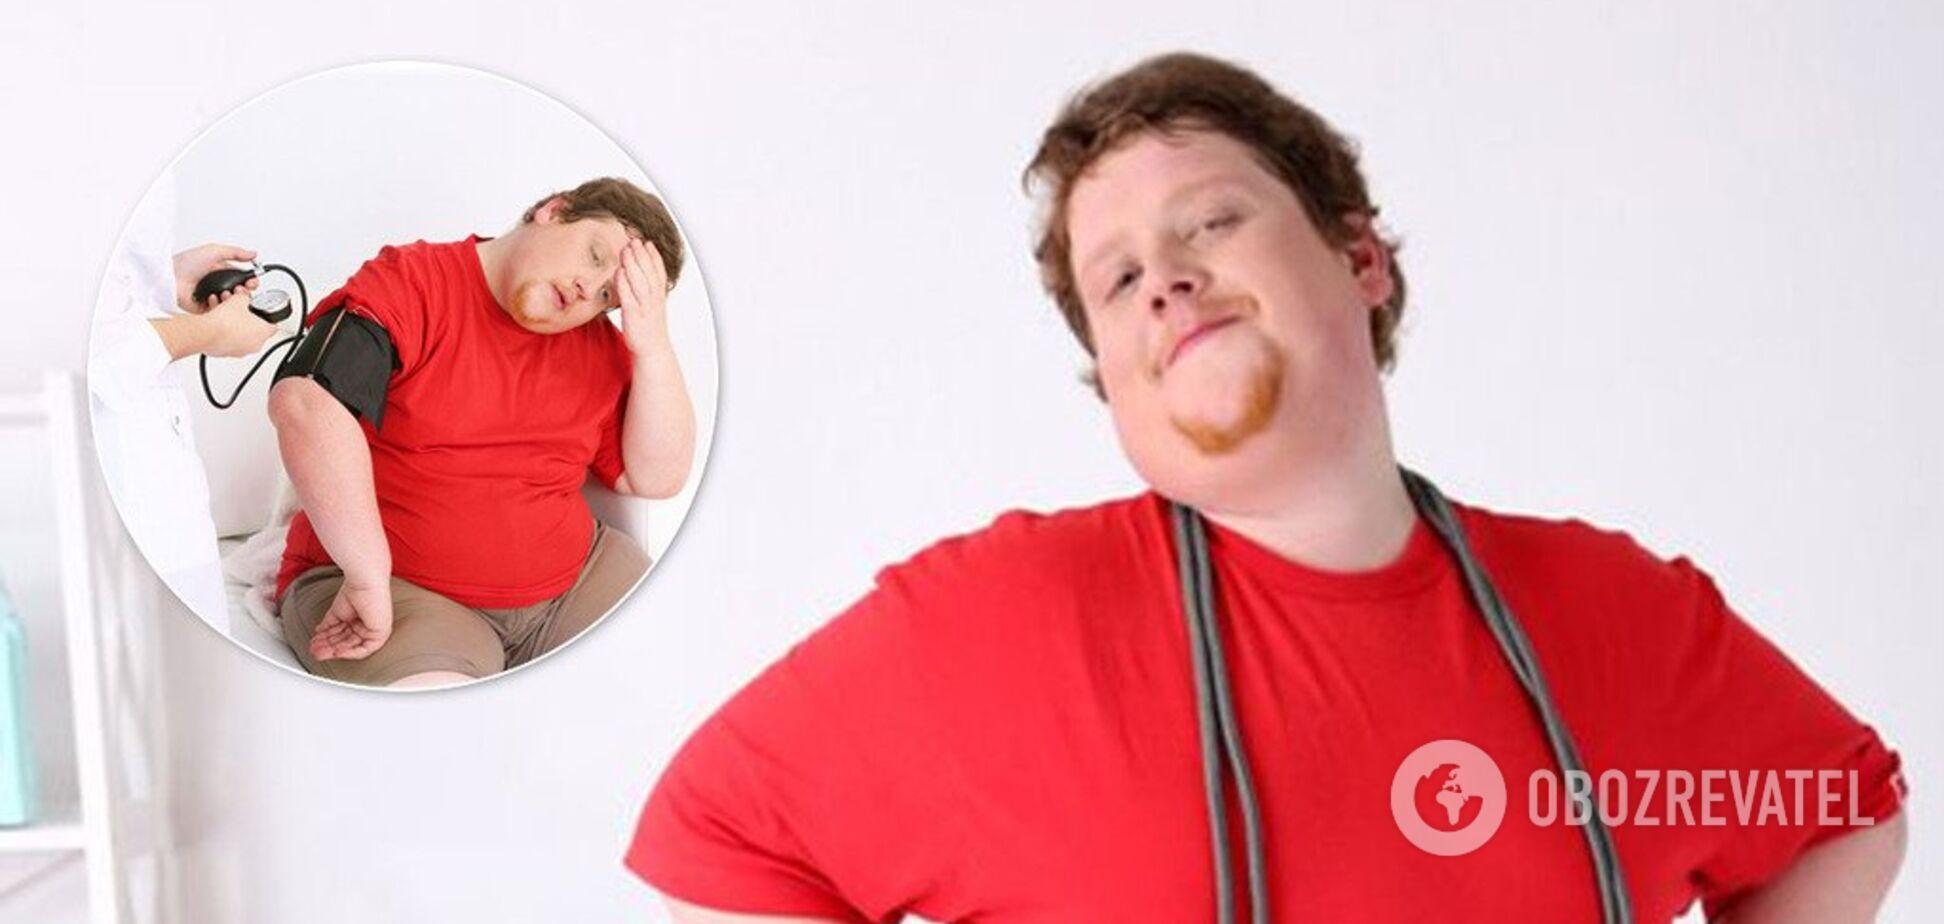 Розмір має значення! Медики попередили про небезпеку жиру на животі